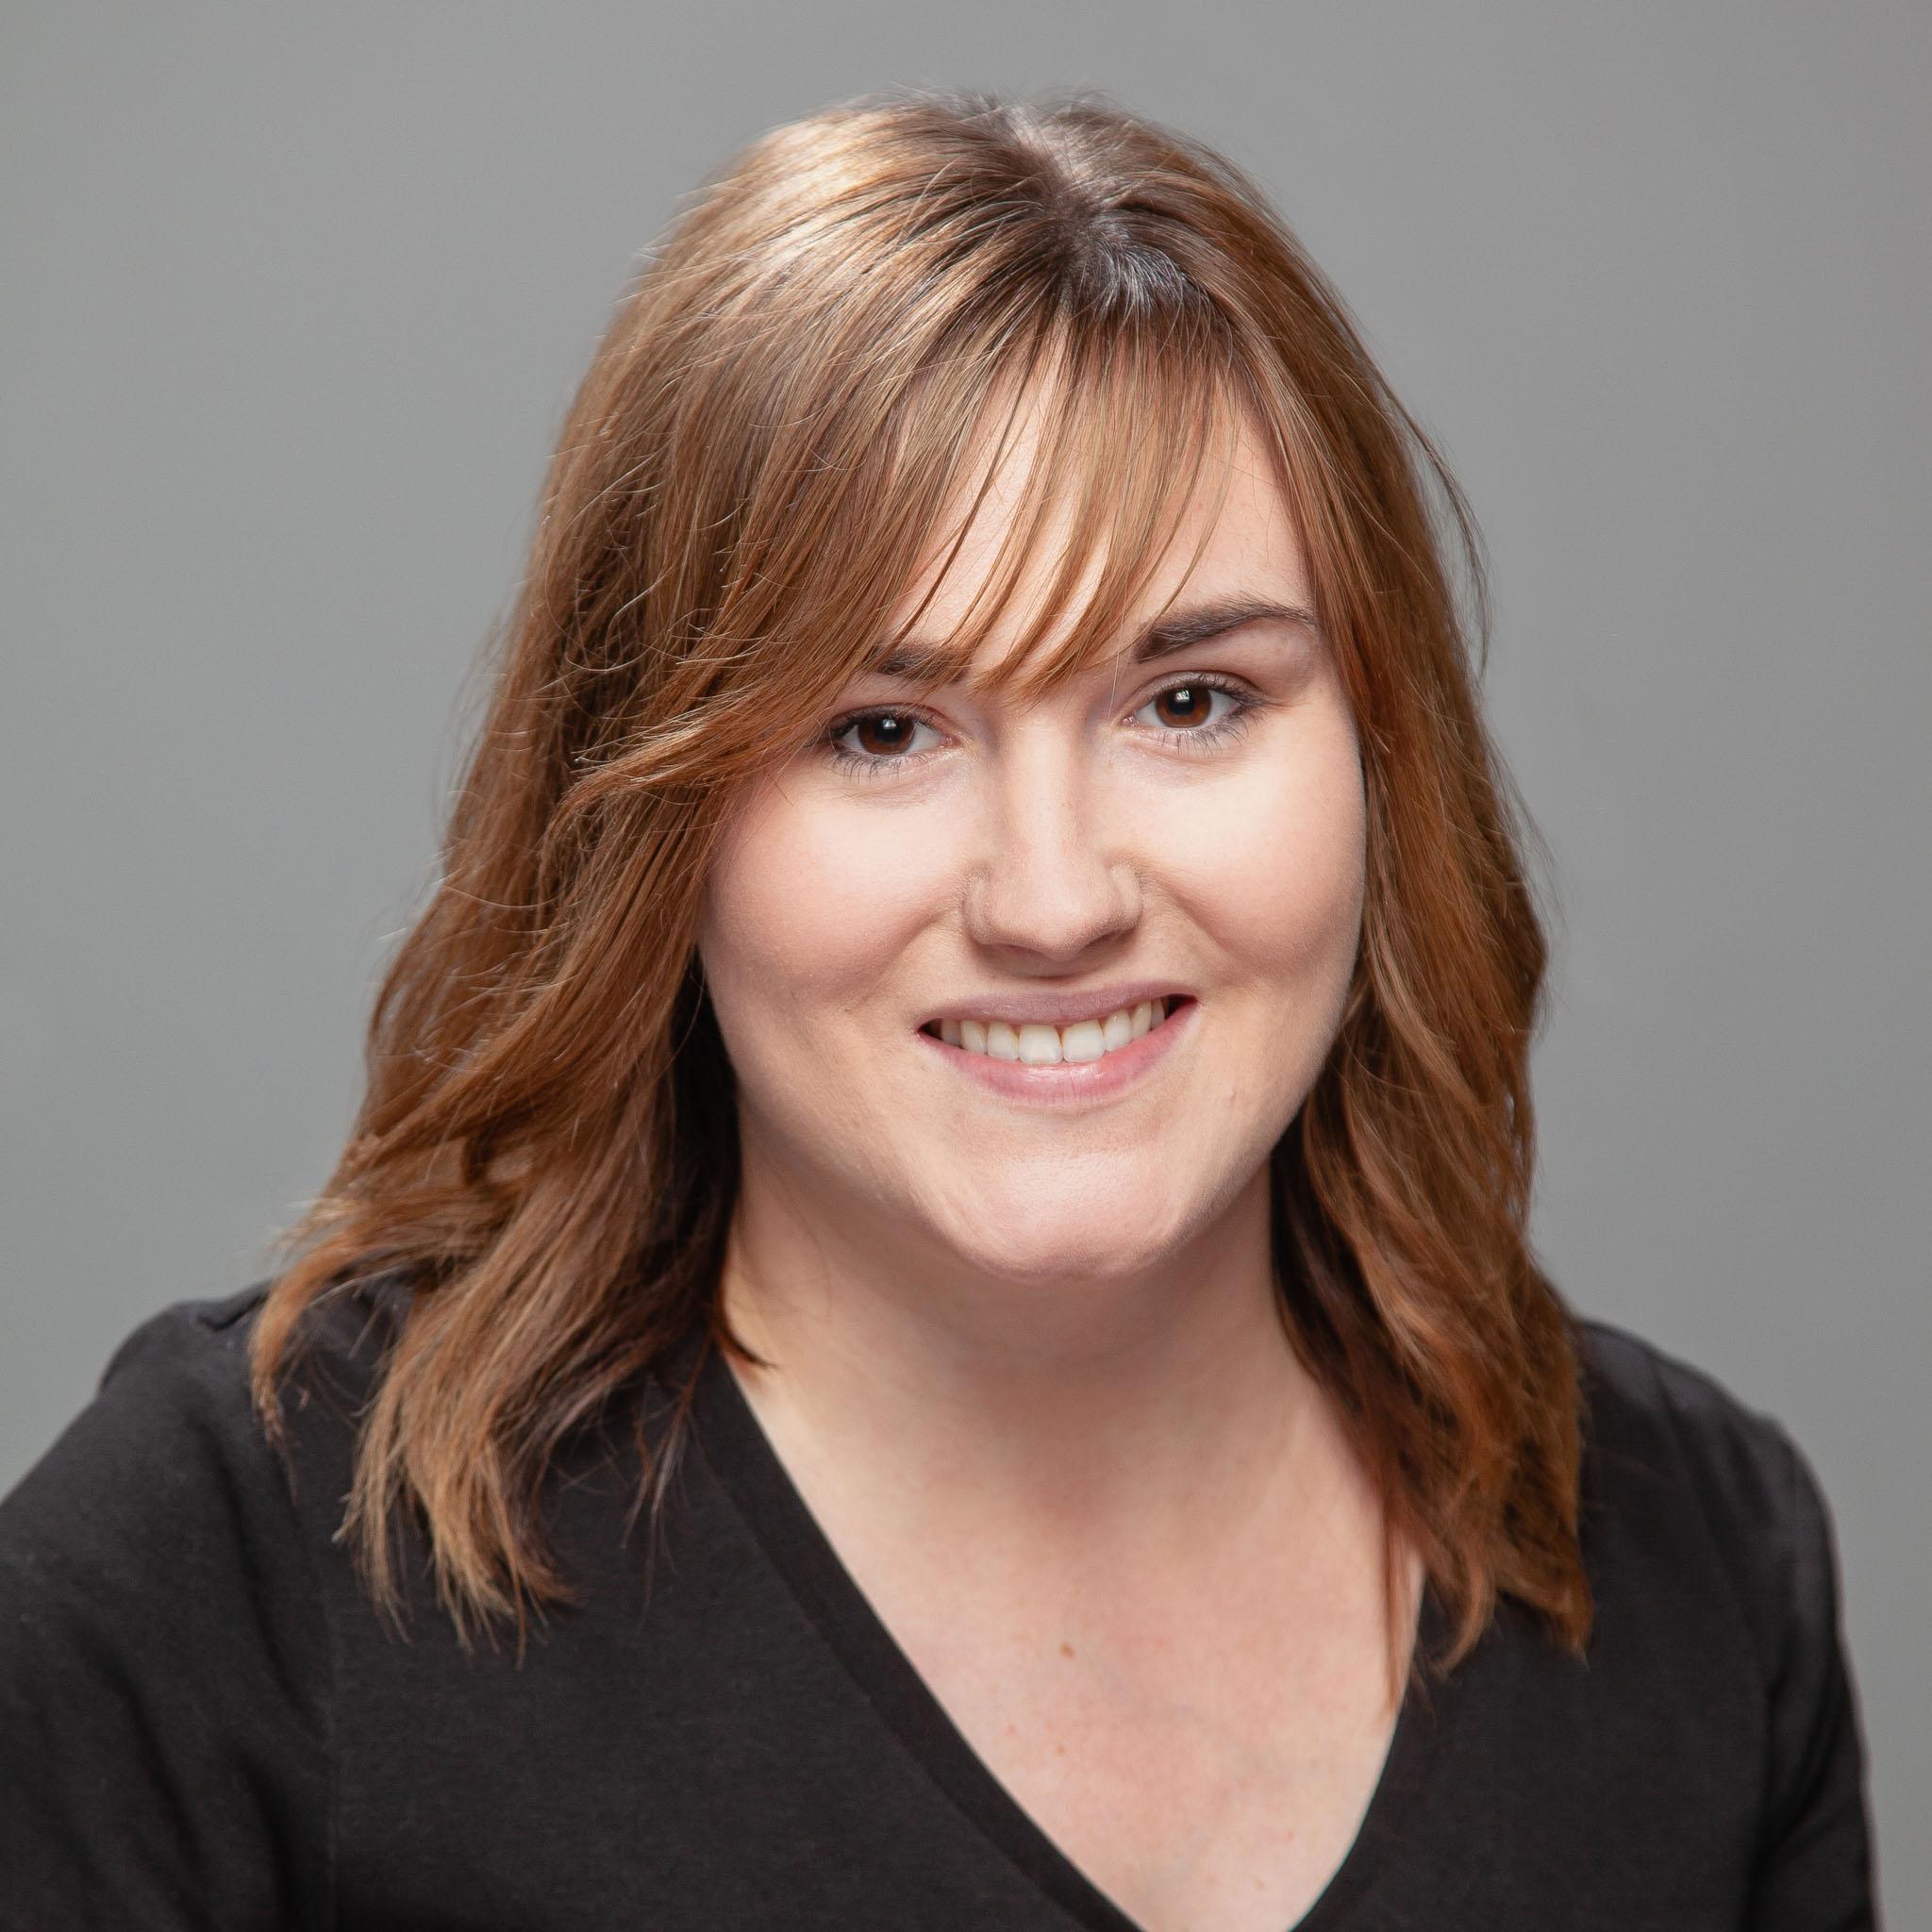 Nicole Waugh